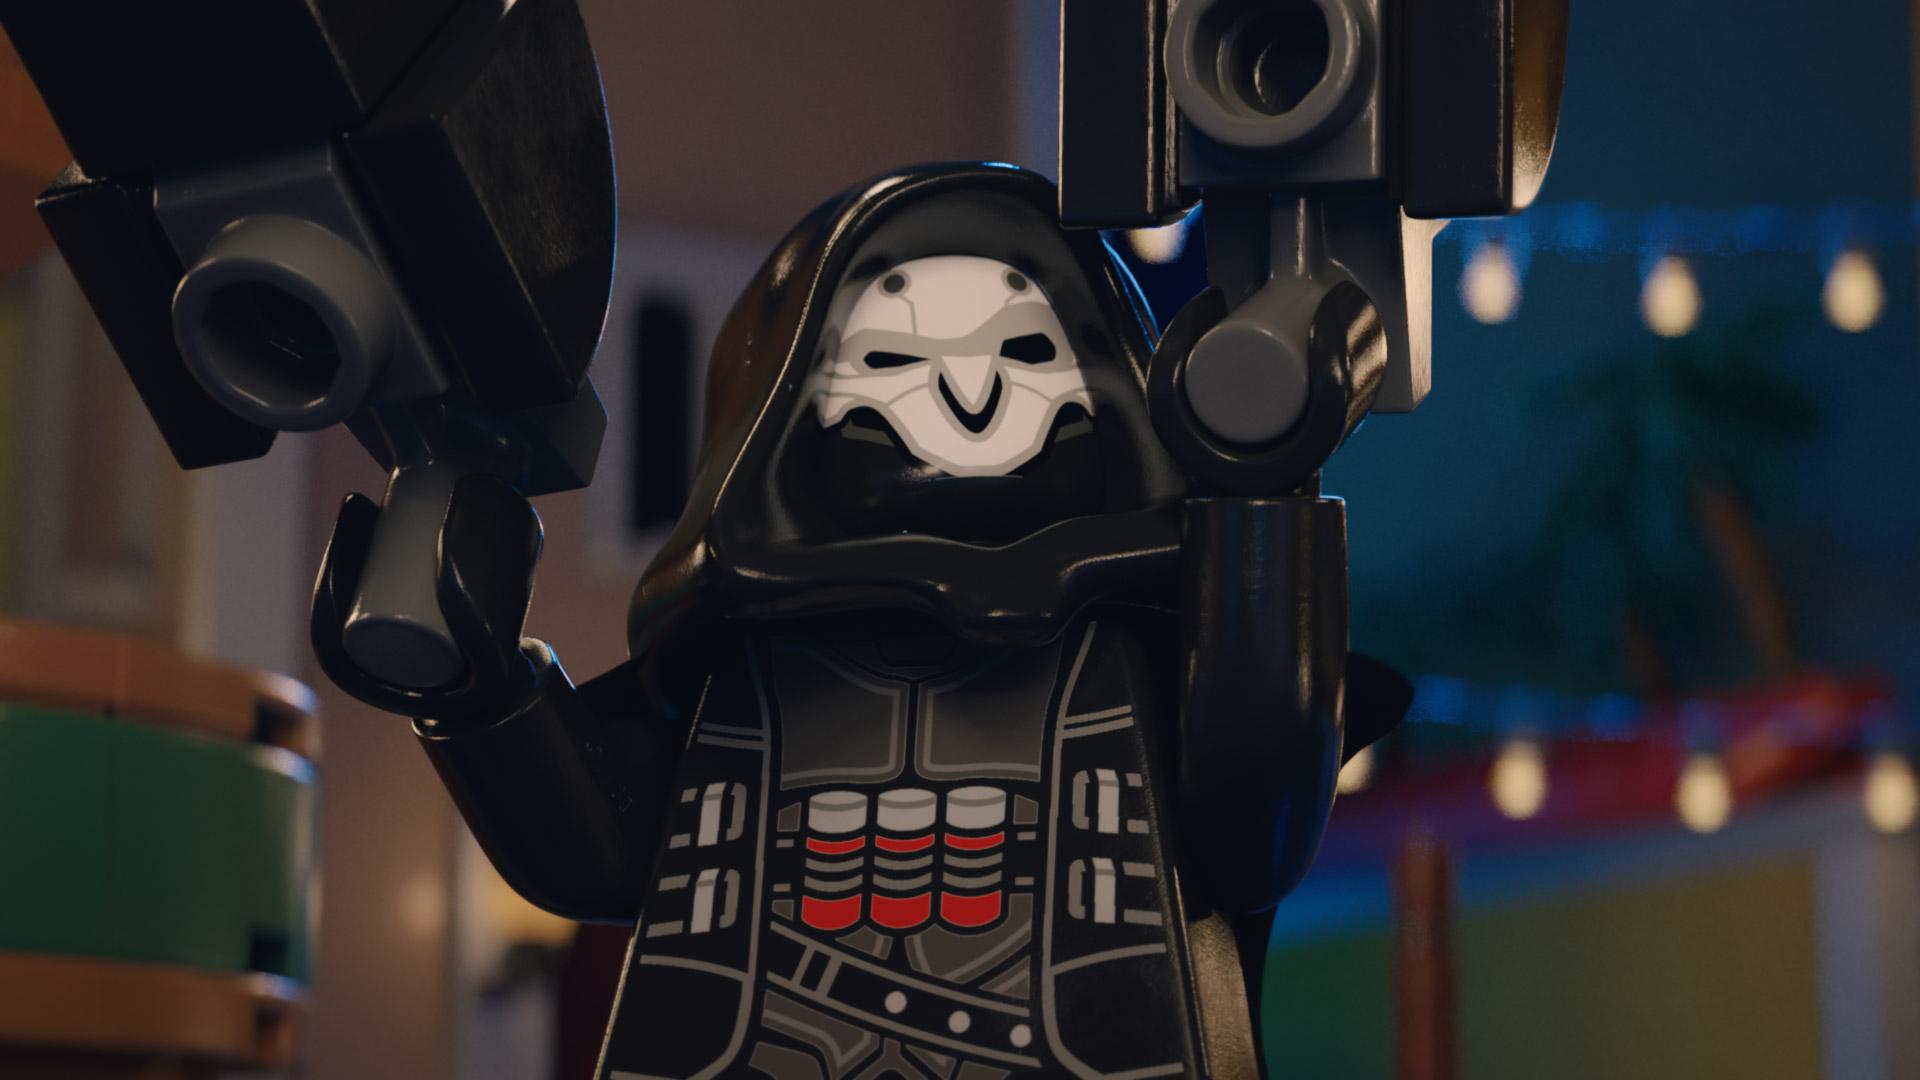 LEGO_OW_94173